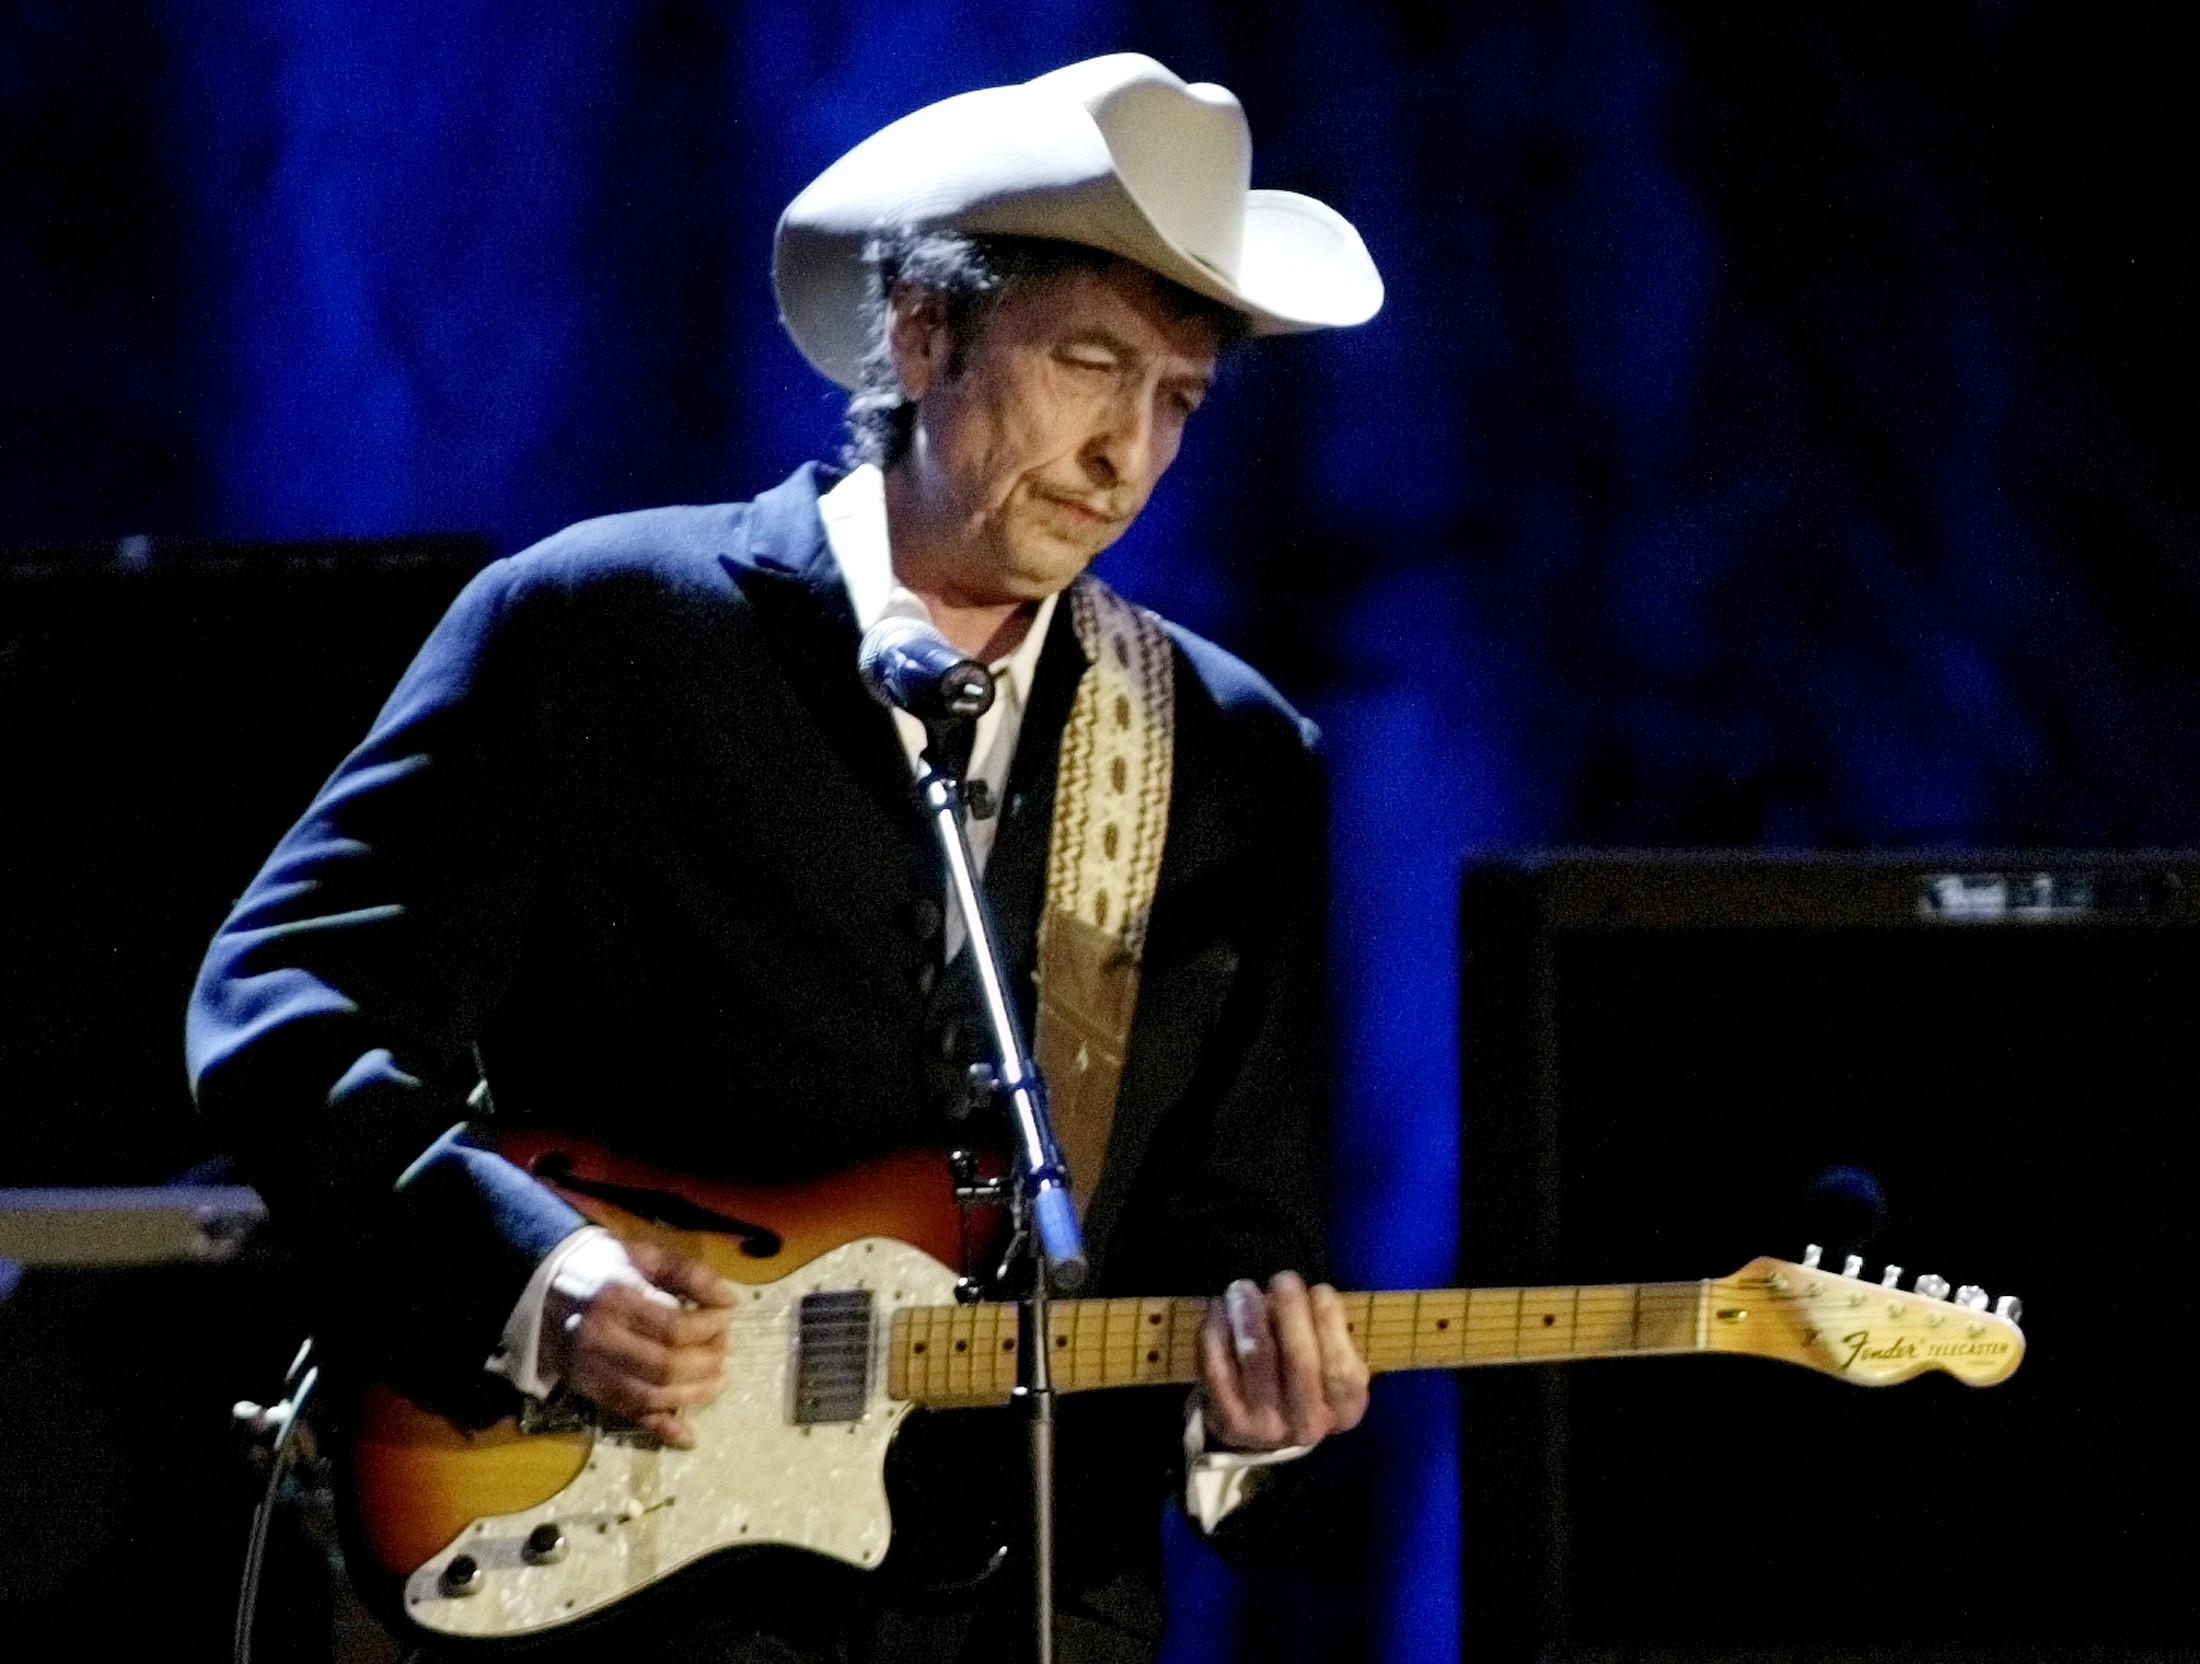 Vendas de catálogos de Bob Dylan, Neil Young e Fleetwood Mac: pandemia impulsiona a edição musical